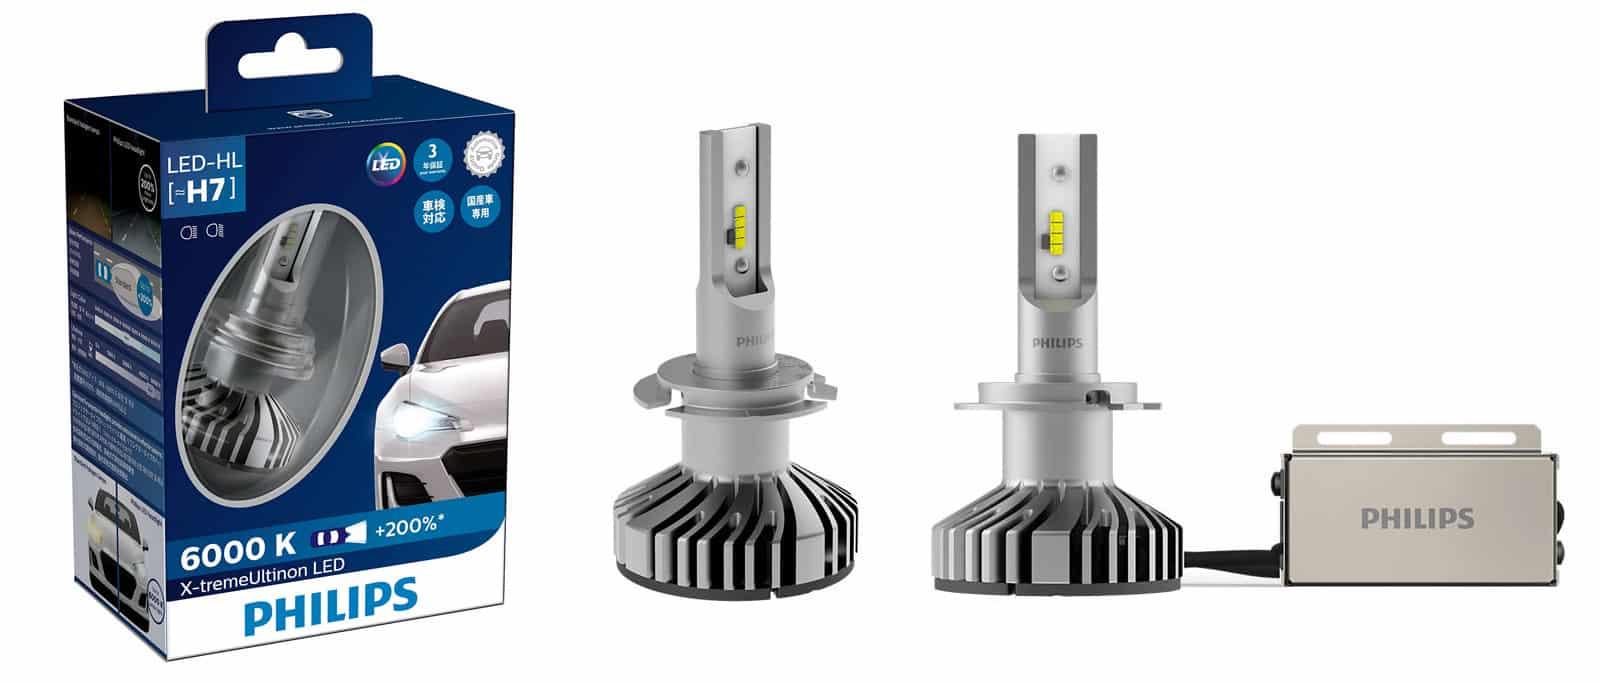 Philips-LED-Turbo-H7